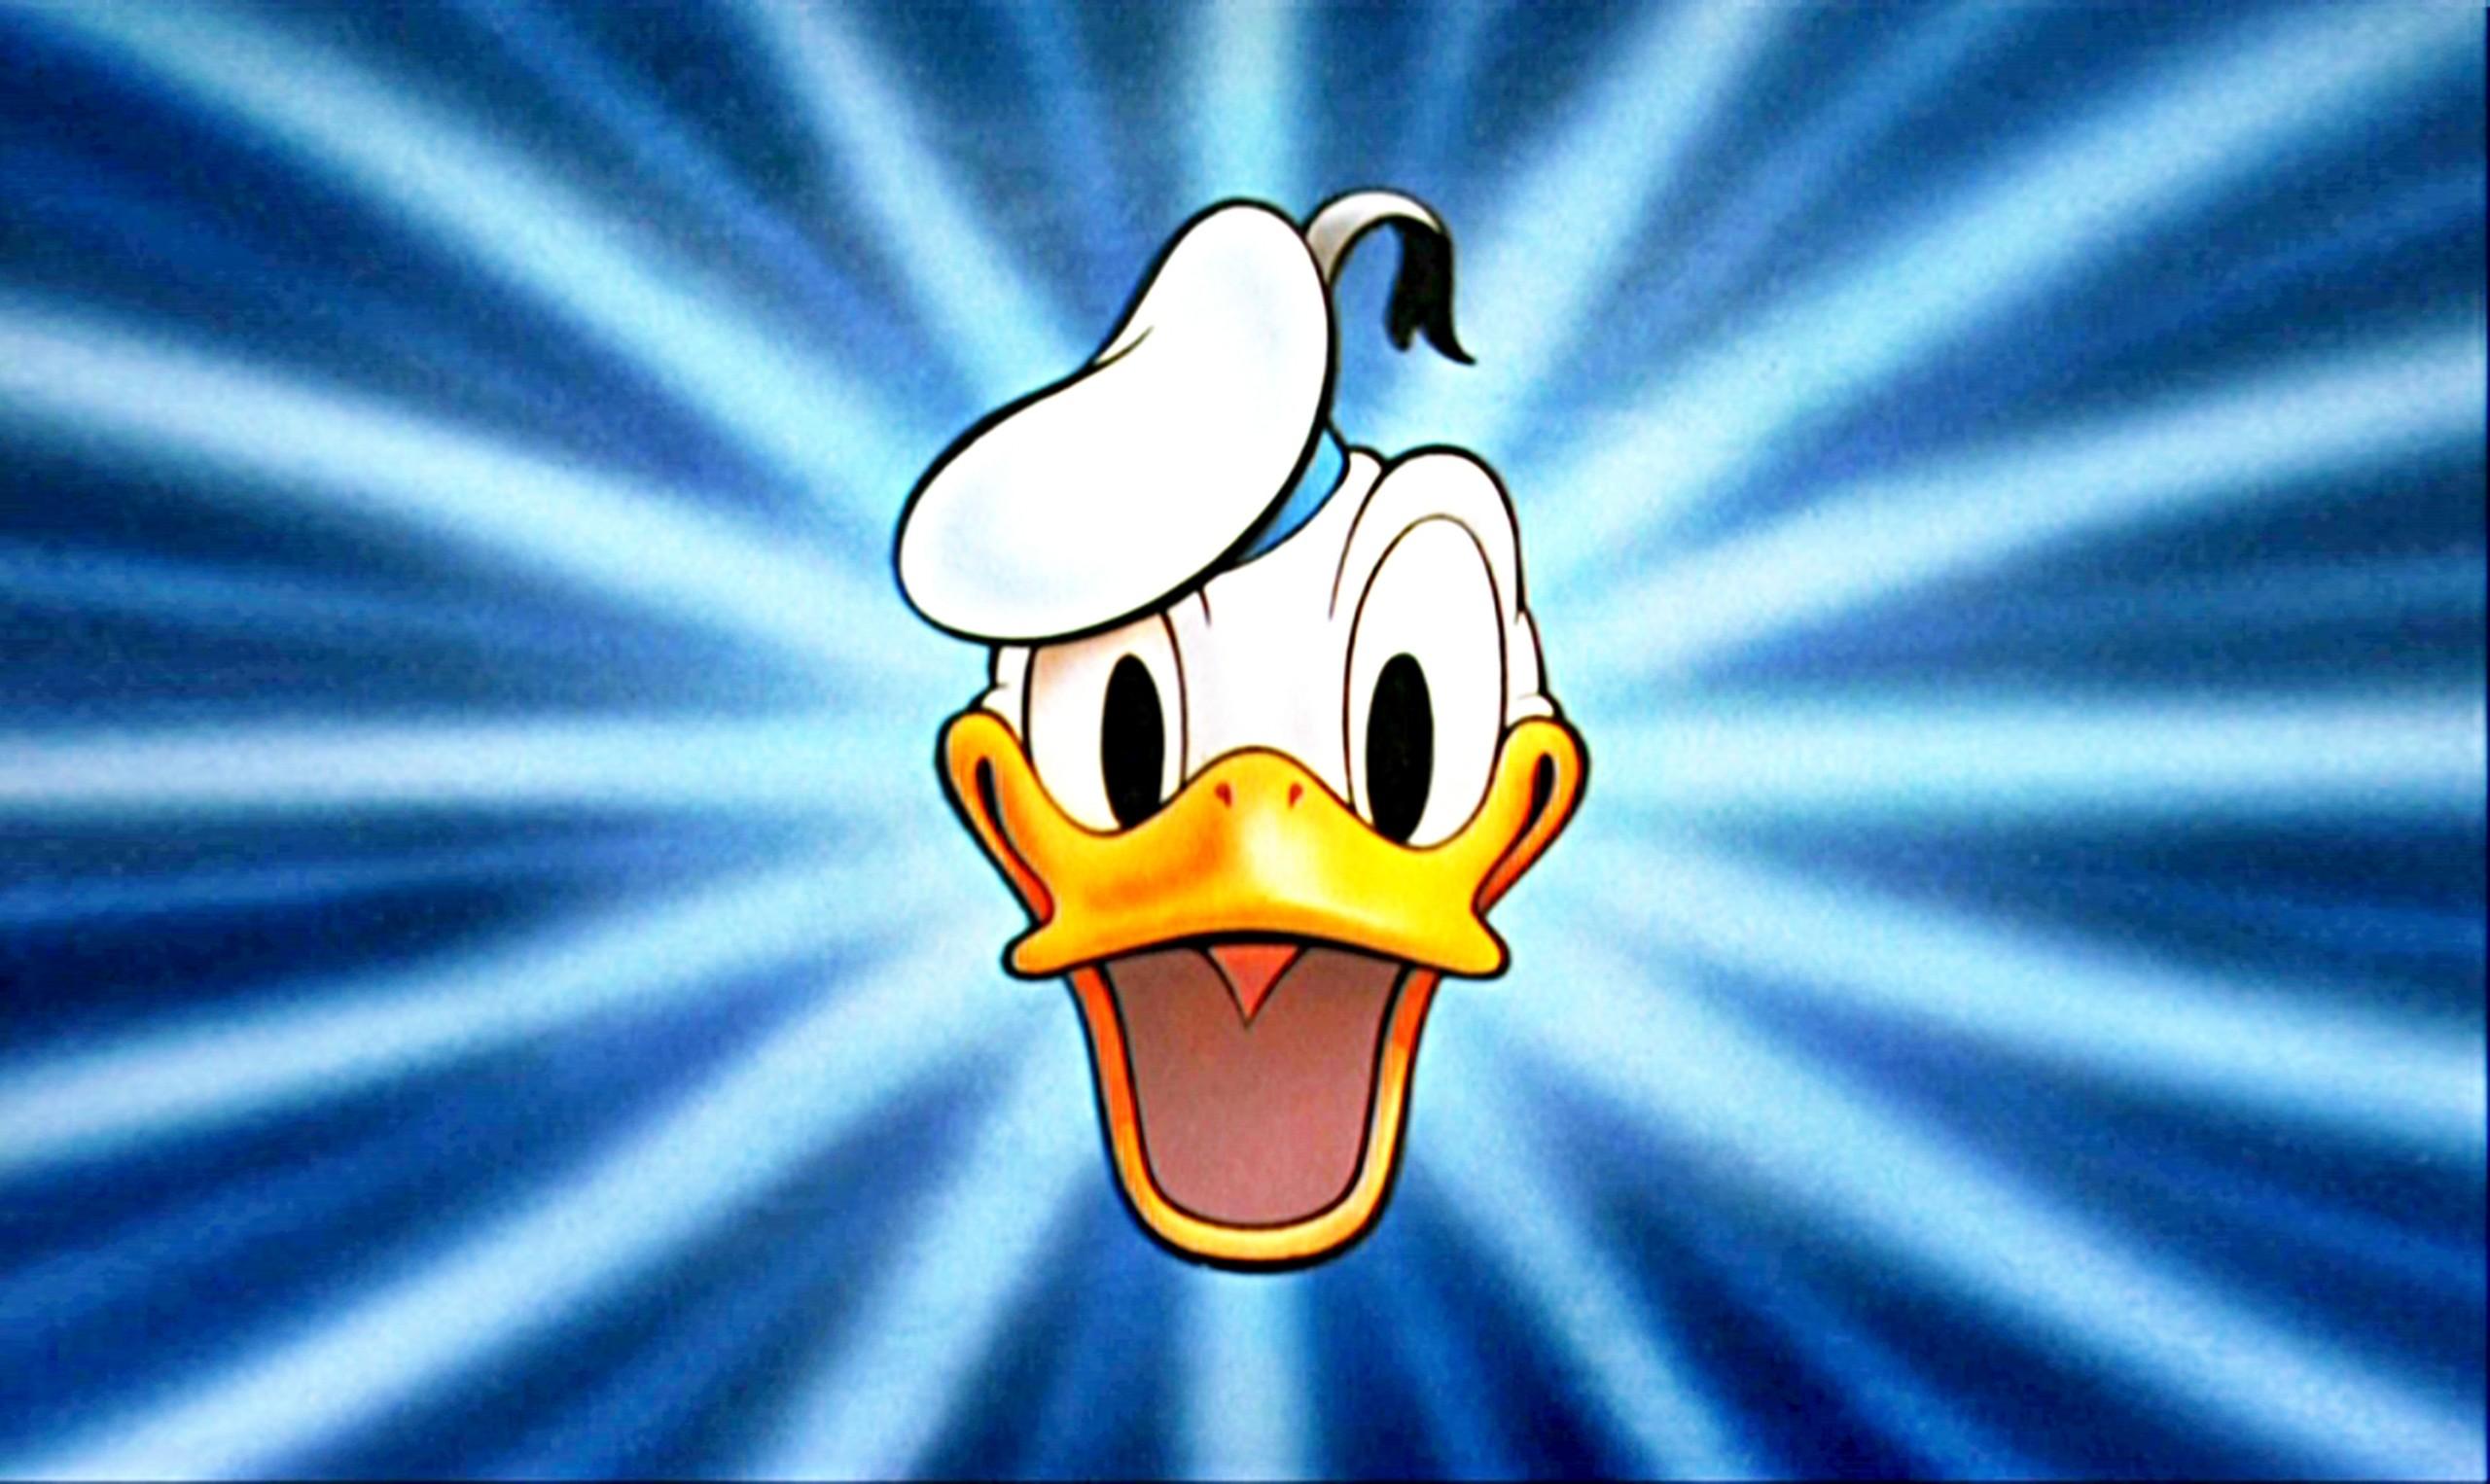 Face Donald Duck Wallpaper Kids   Data Src Beautiful - Donald Duck Wallpaper Hd - HD Wallpaper